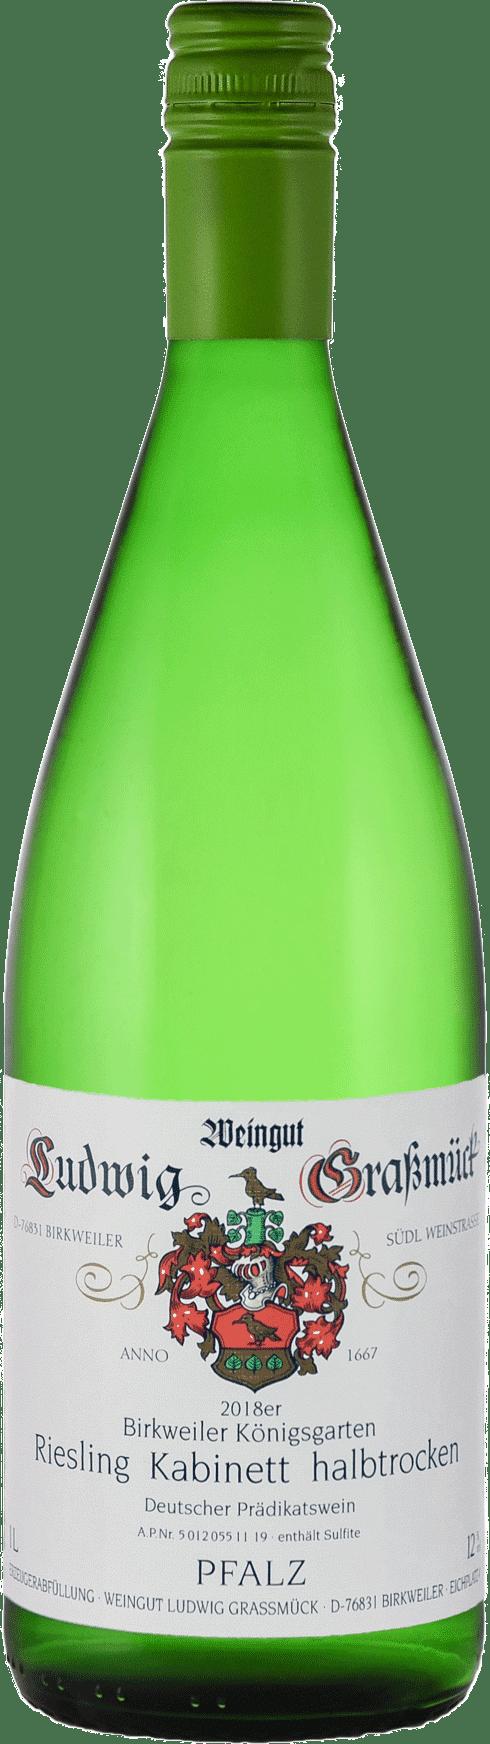 Weingut Ludwig Graßmück, Simon Graßmück, Riesling, halbtrocken